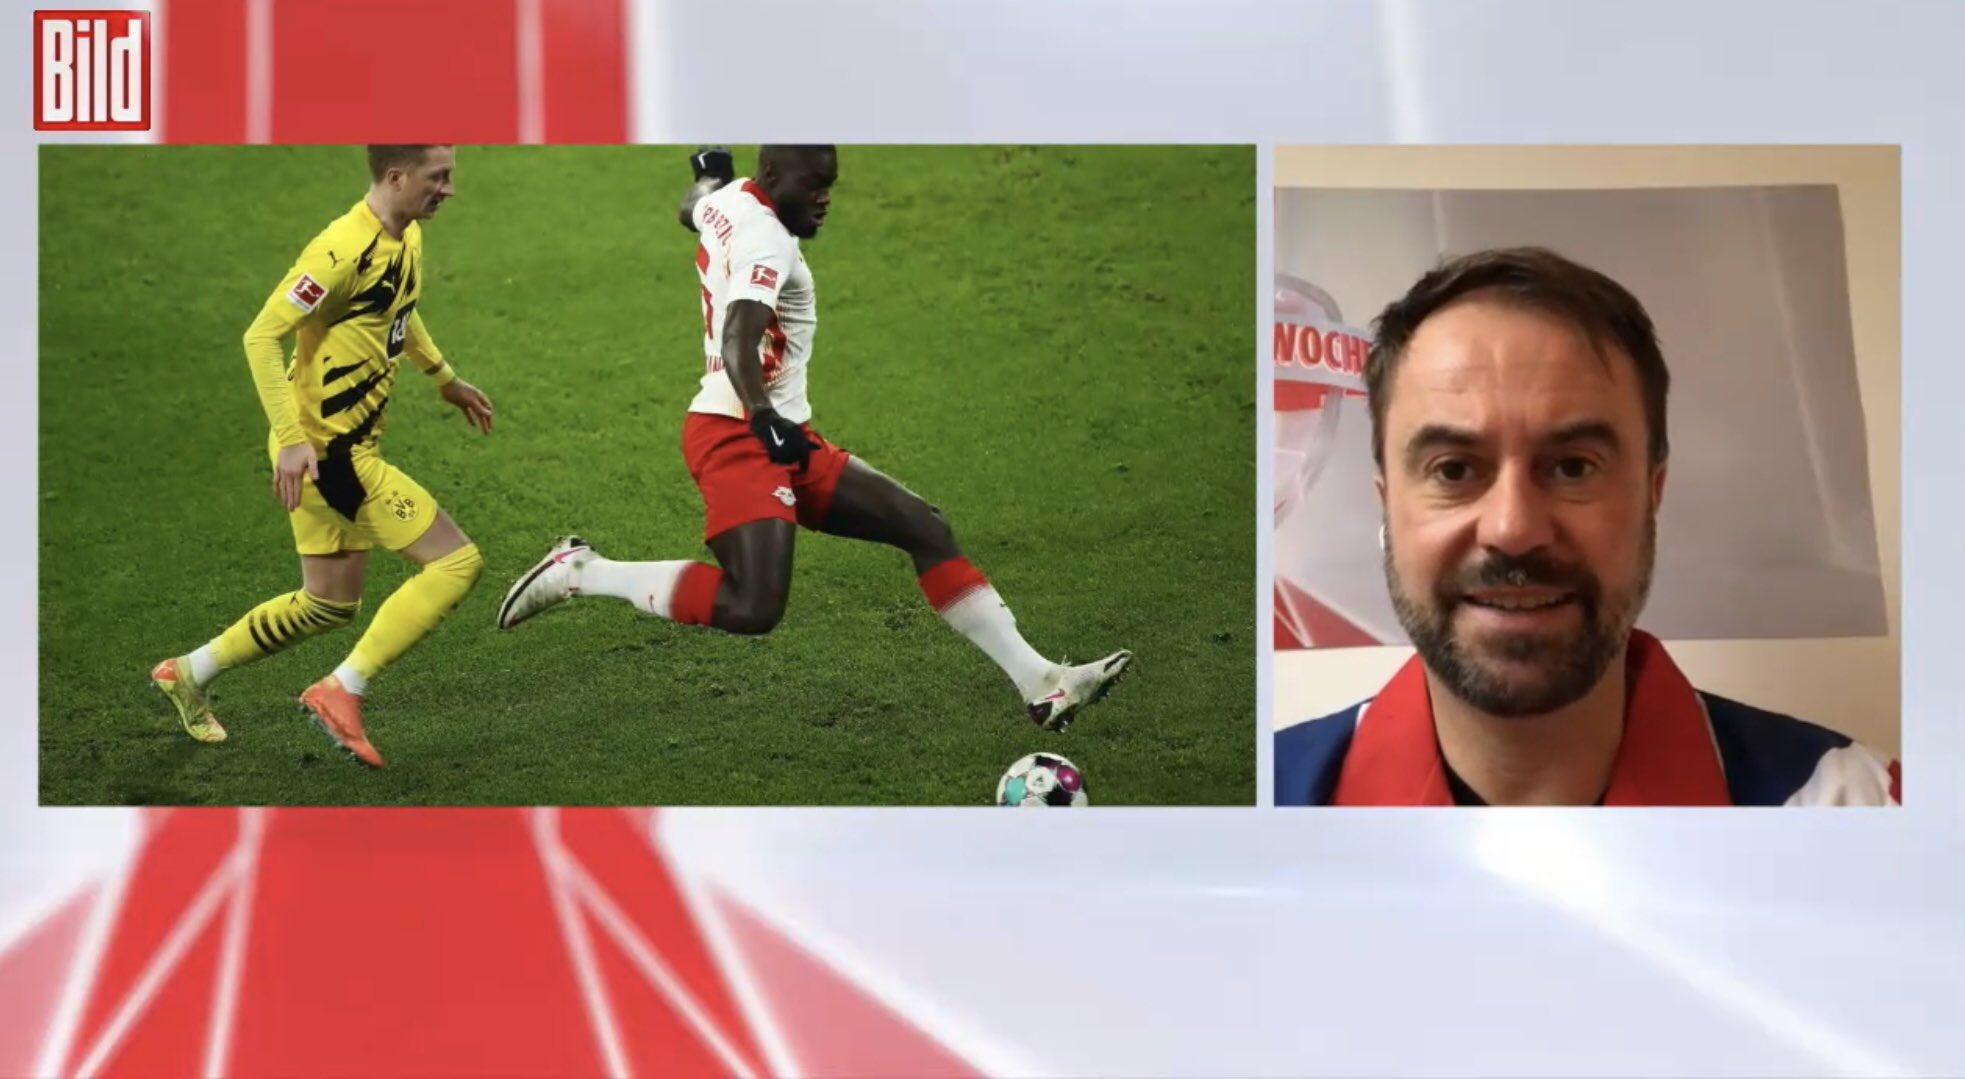 法尔克:切尔西的确接触了乌帕梅卡诺,利物浦仍有意科纳泰